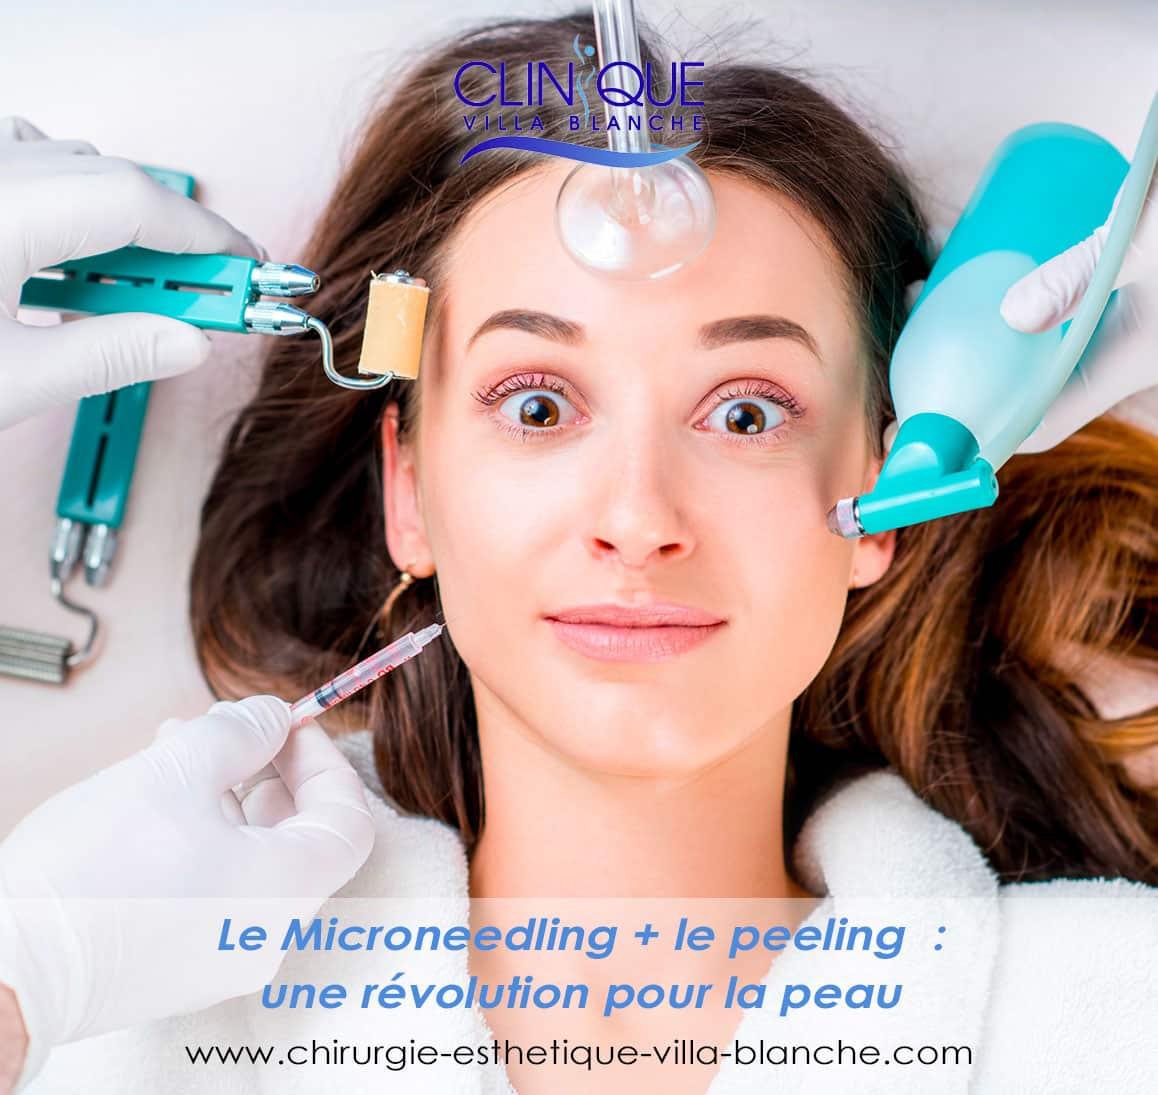 Le Microneedling+ le peeling : une révolution pour la peau